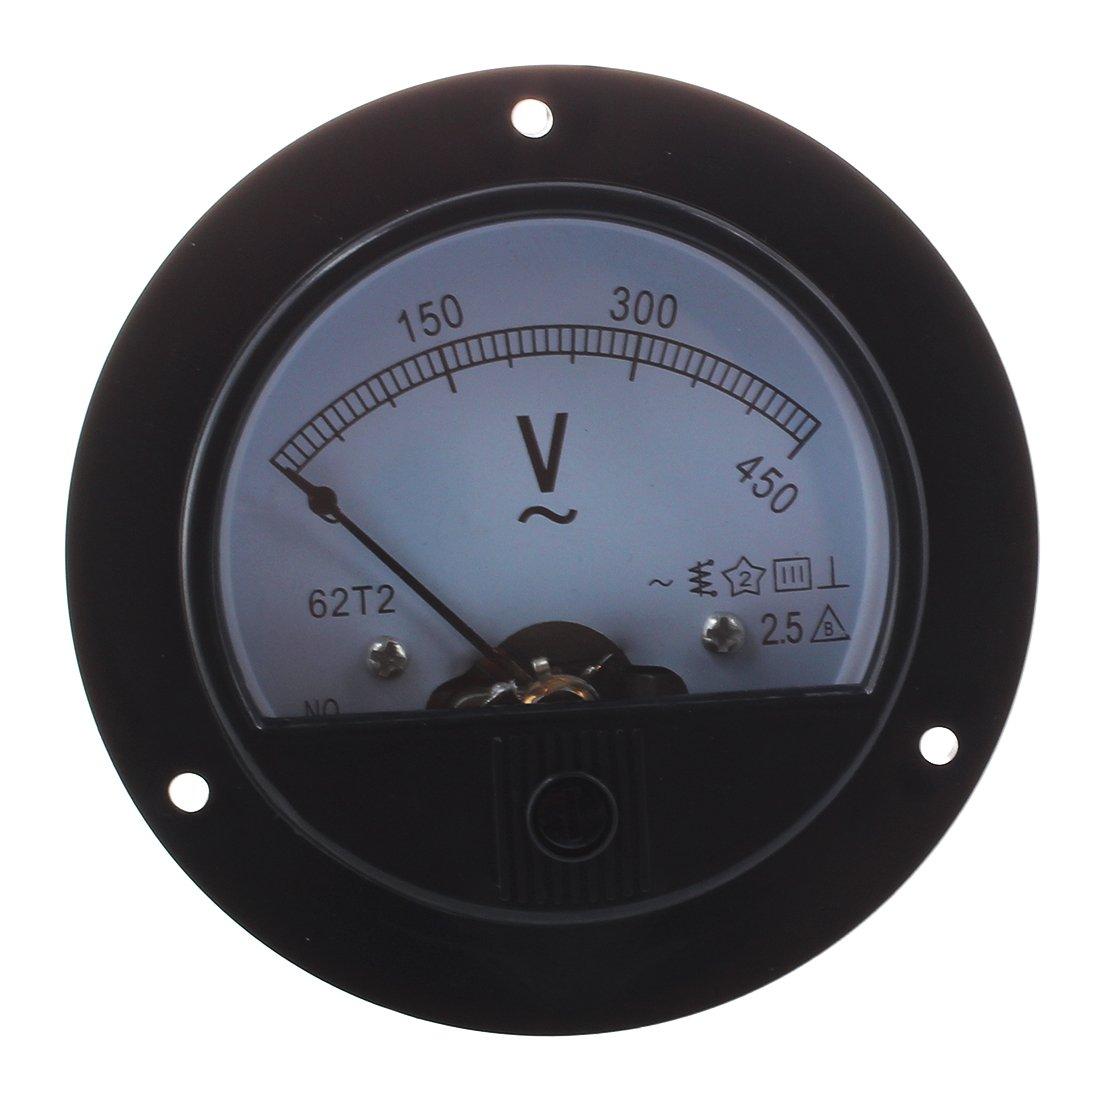 SODIAL(R) Autour ACH 0-450V Tension Volt analogique Indicateurs de Tableau Voltmetre